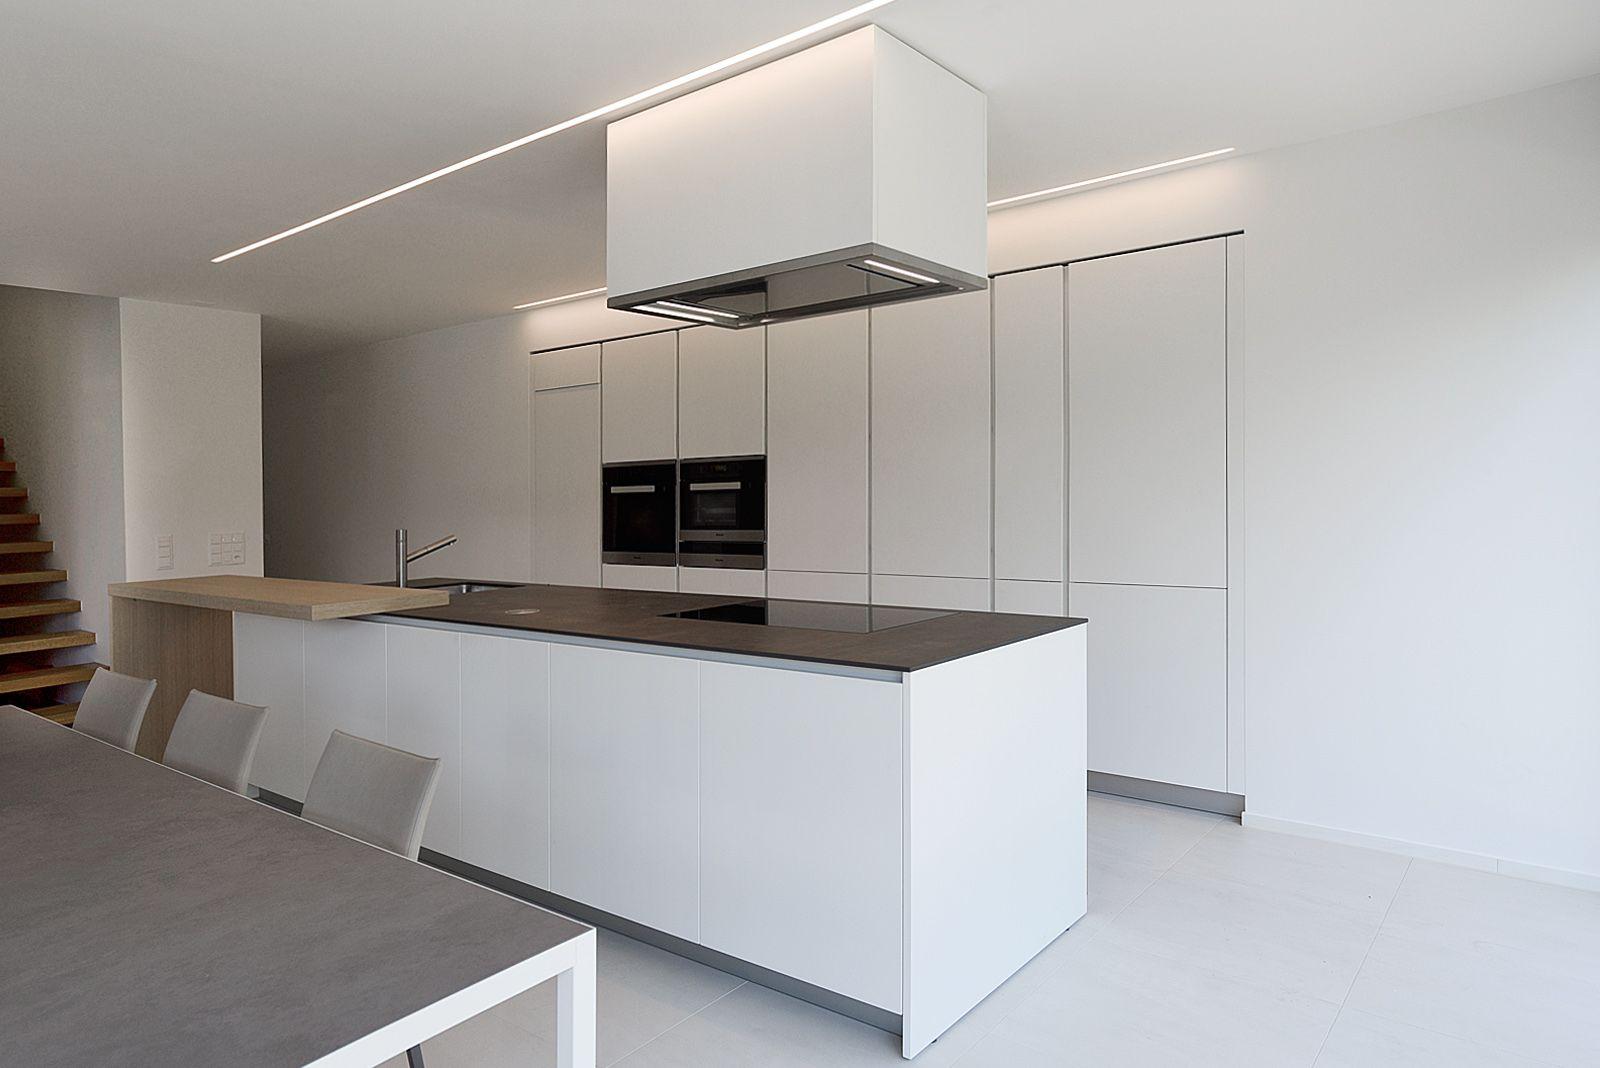 Cucina Varenna Alea con piano snack in legno di rovere Bellissima cucina moderna di design